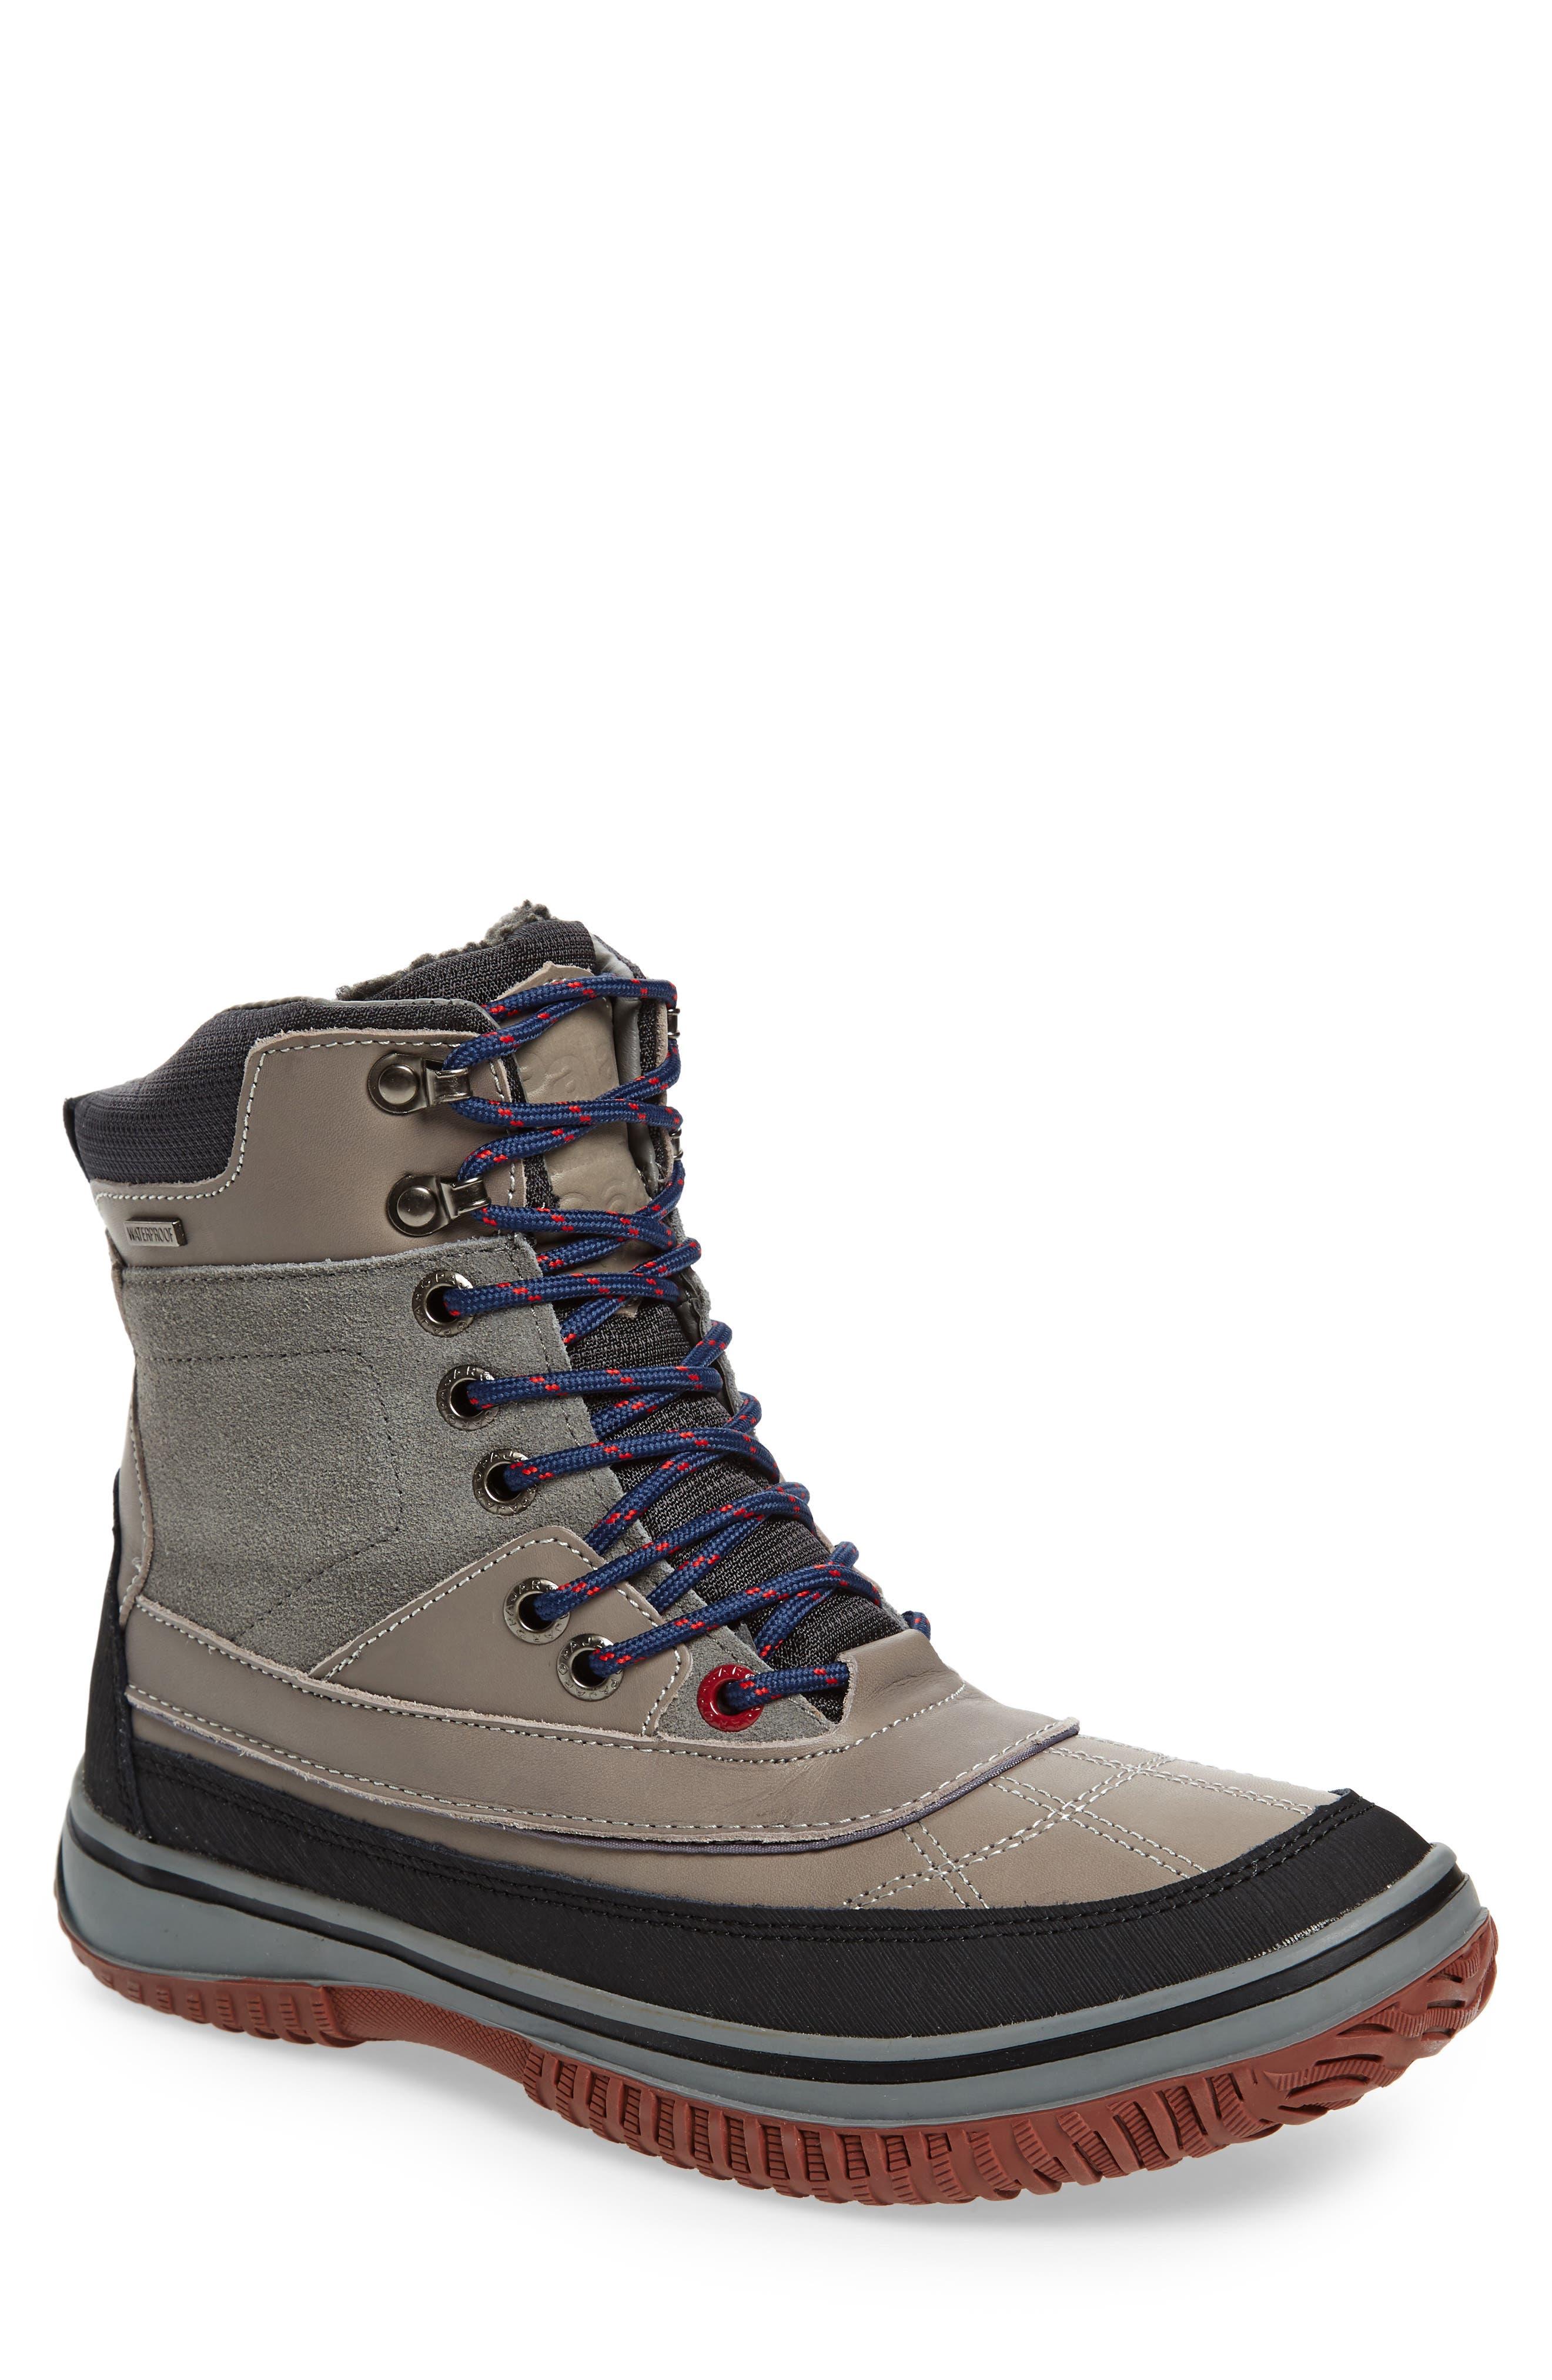 PAJAR Gaspar Waterproof Winter Boot in Grey Leather